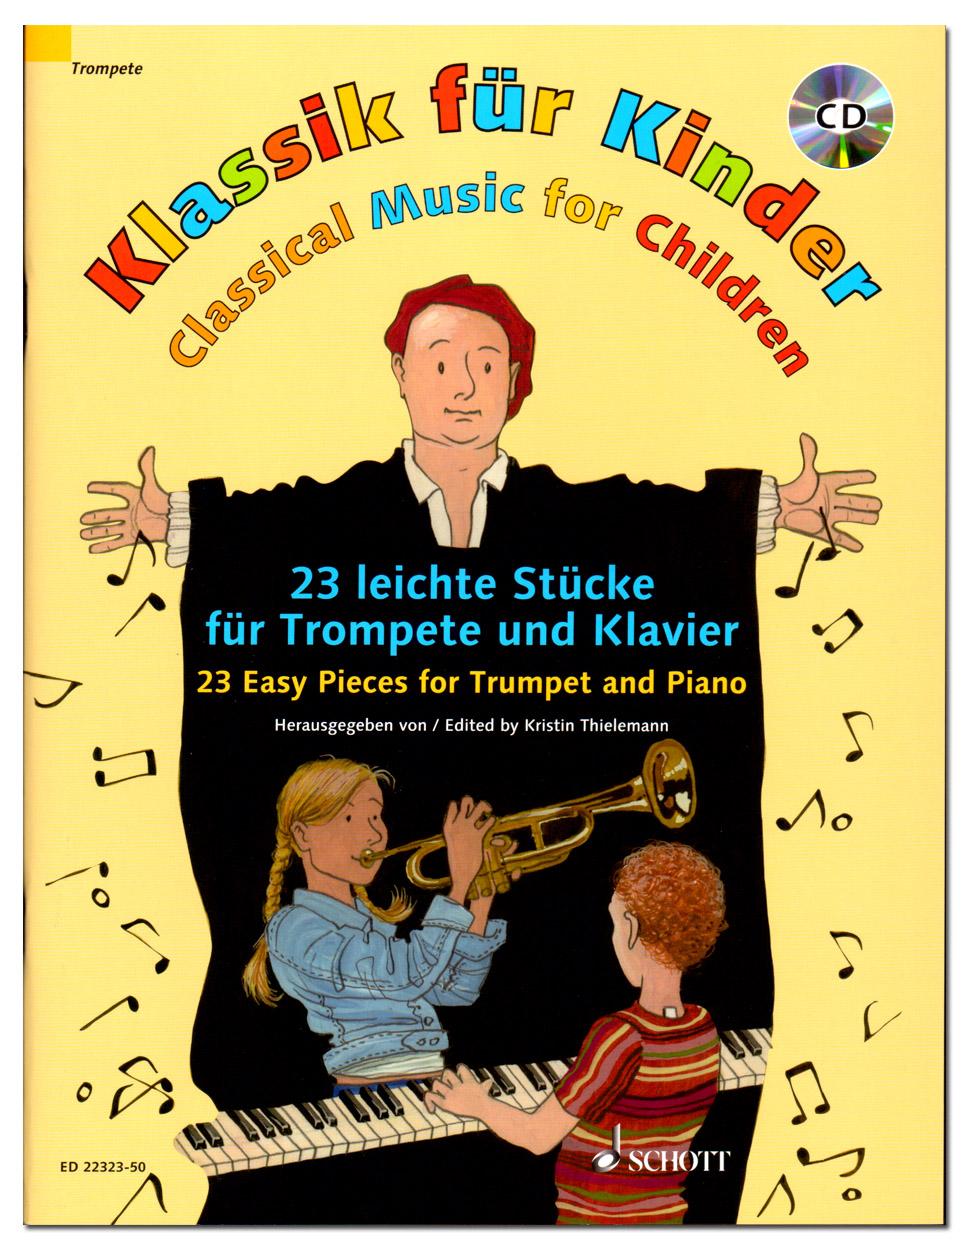 klassik für kinder  23 leichte stücke für trompete und